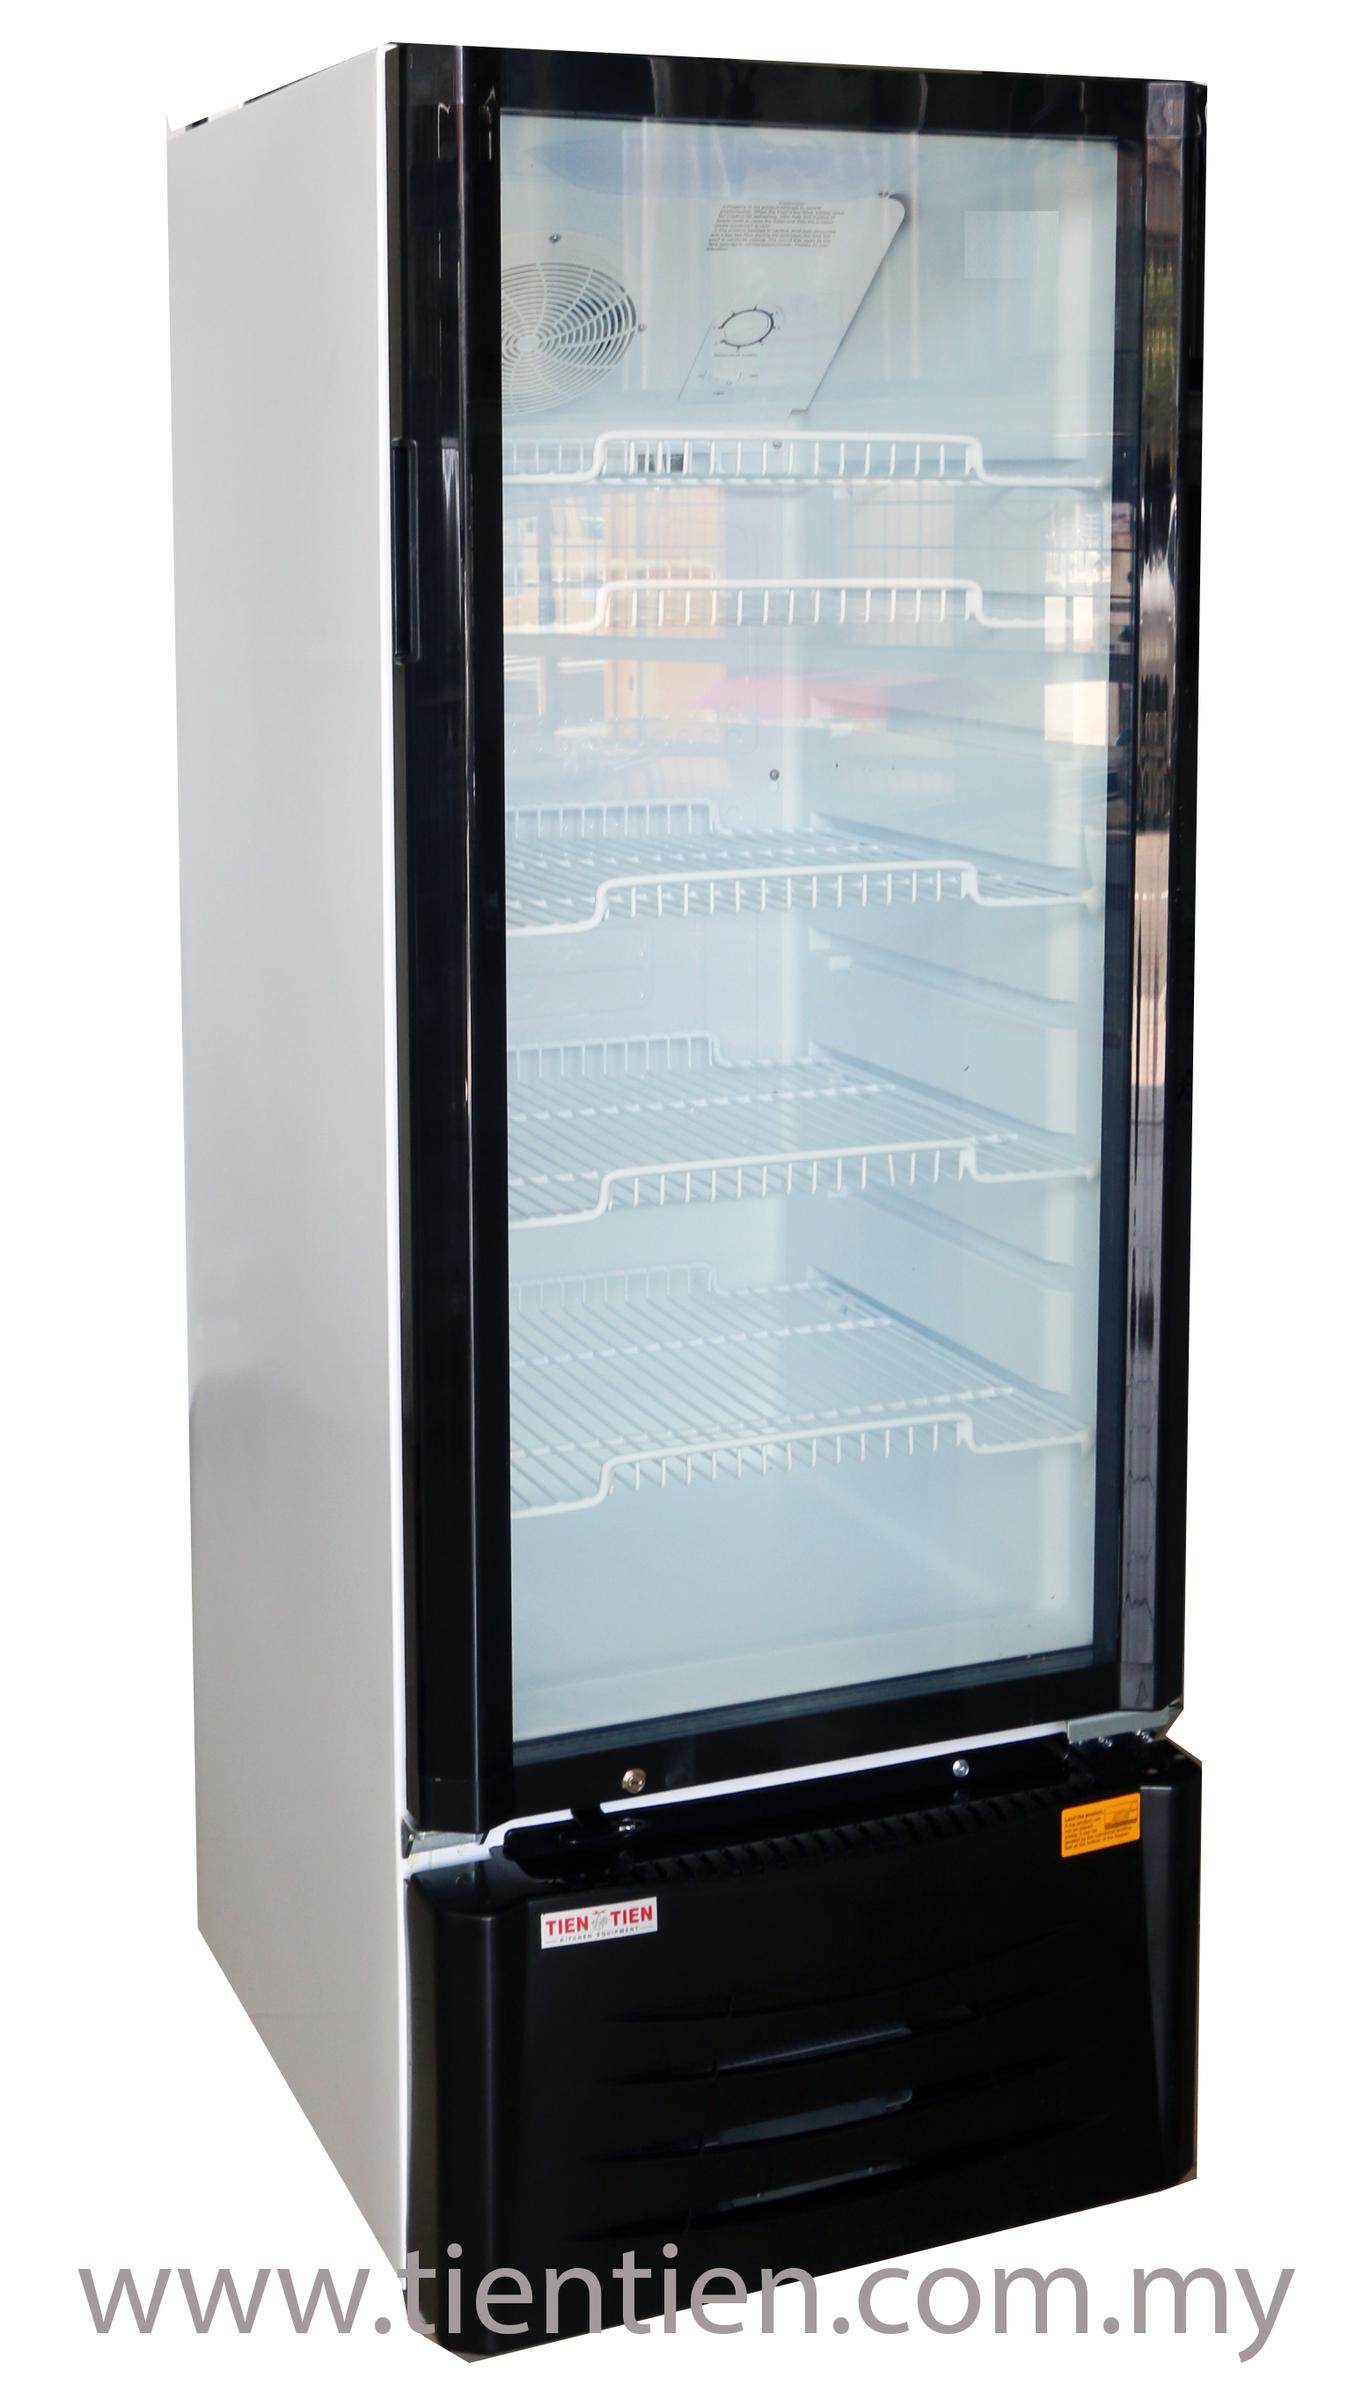 1-door-display-chiller-malaysia-180l-economy-msc-186be-tientien.jpg